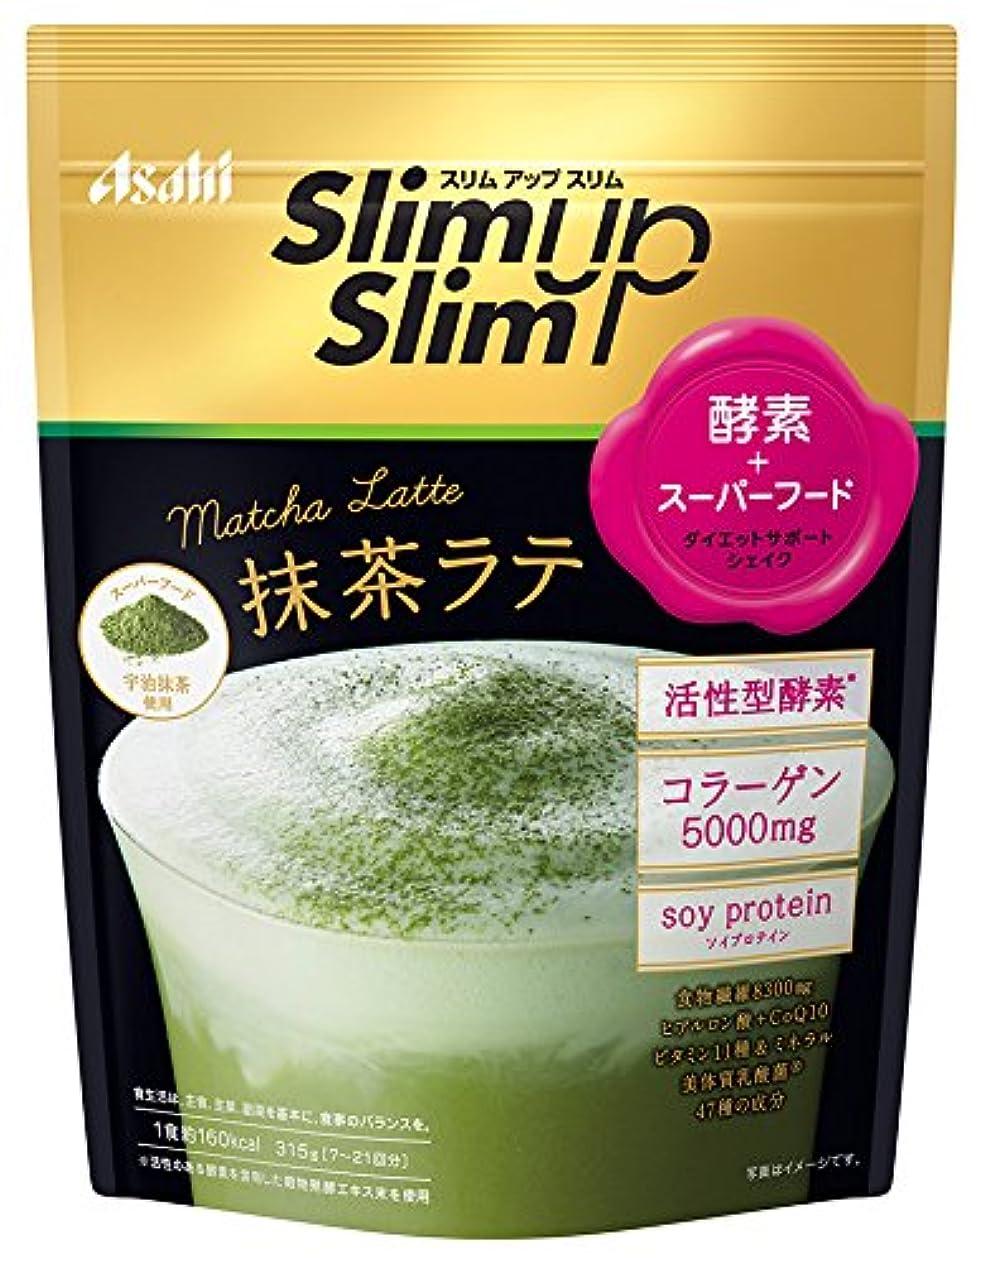 酵素+スーパーフードシェイク 抹茶ラテ315g×10